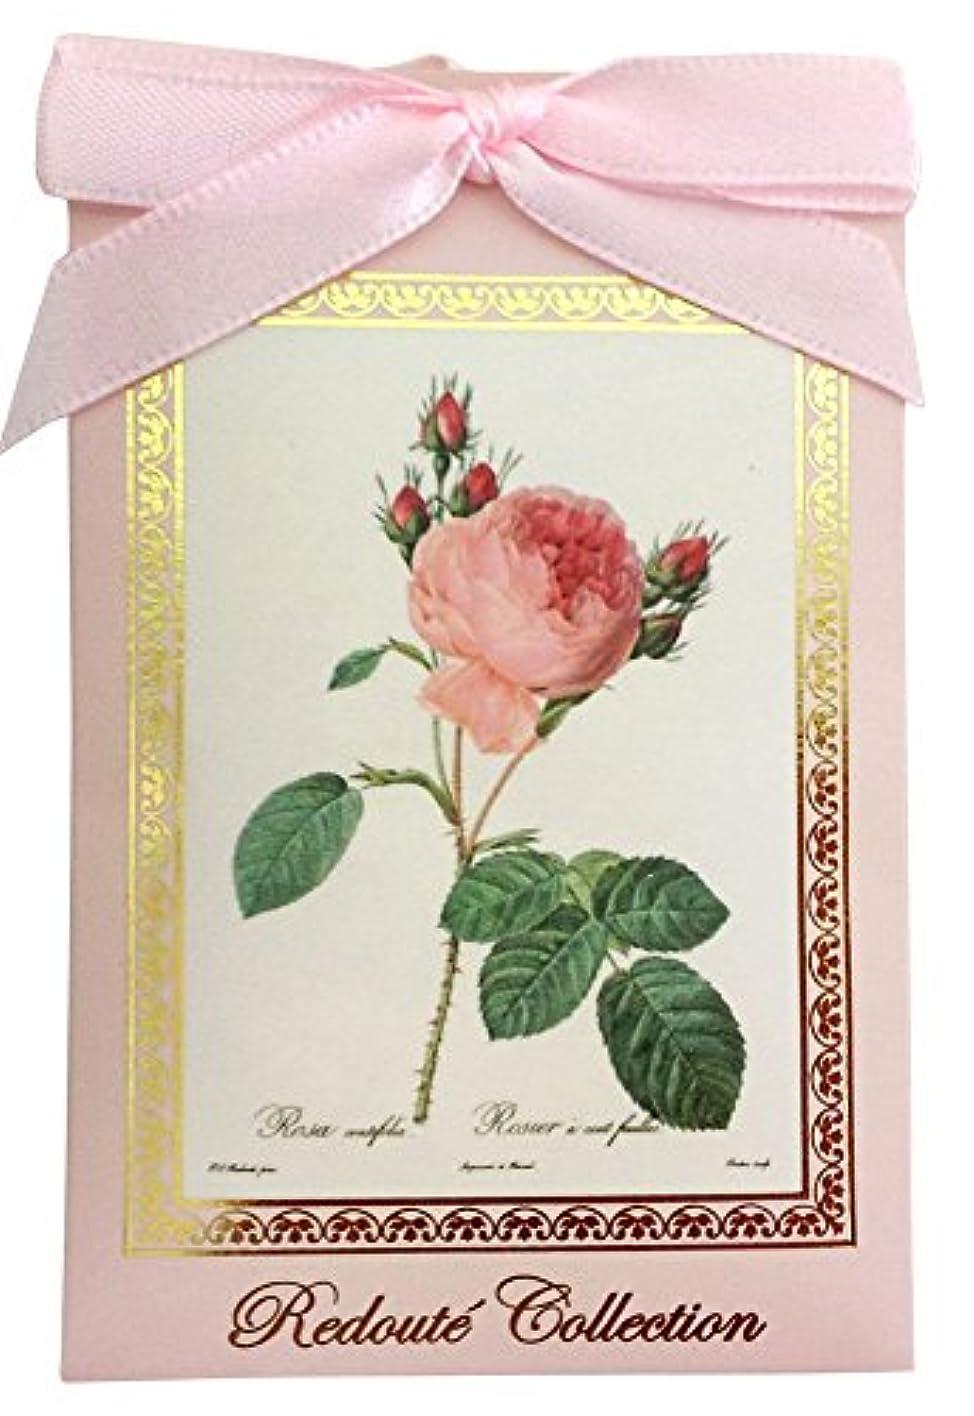 エトナ山クラウン通貨カメヤマキャンドルハウス ルドゥーテ サシェ スイートローズの香り 芳香期間約1ヶ月